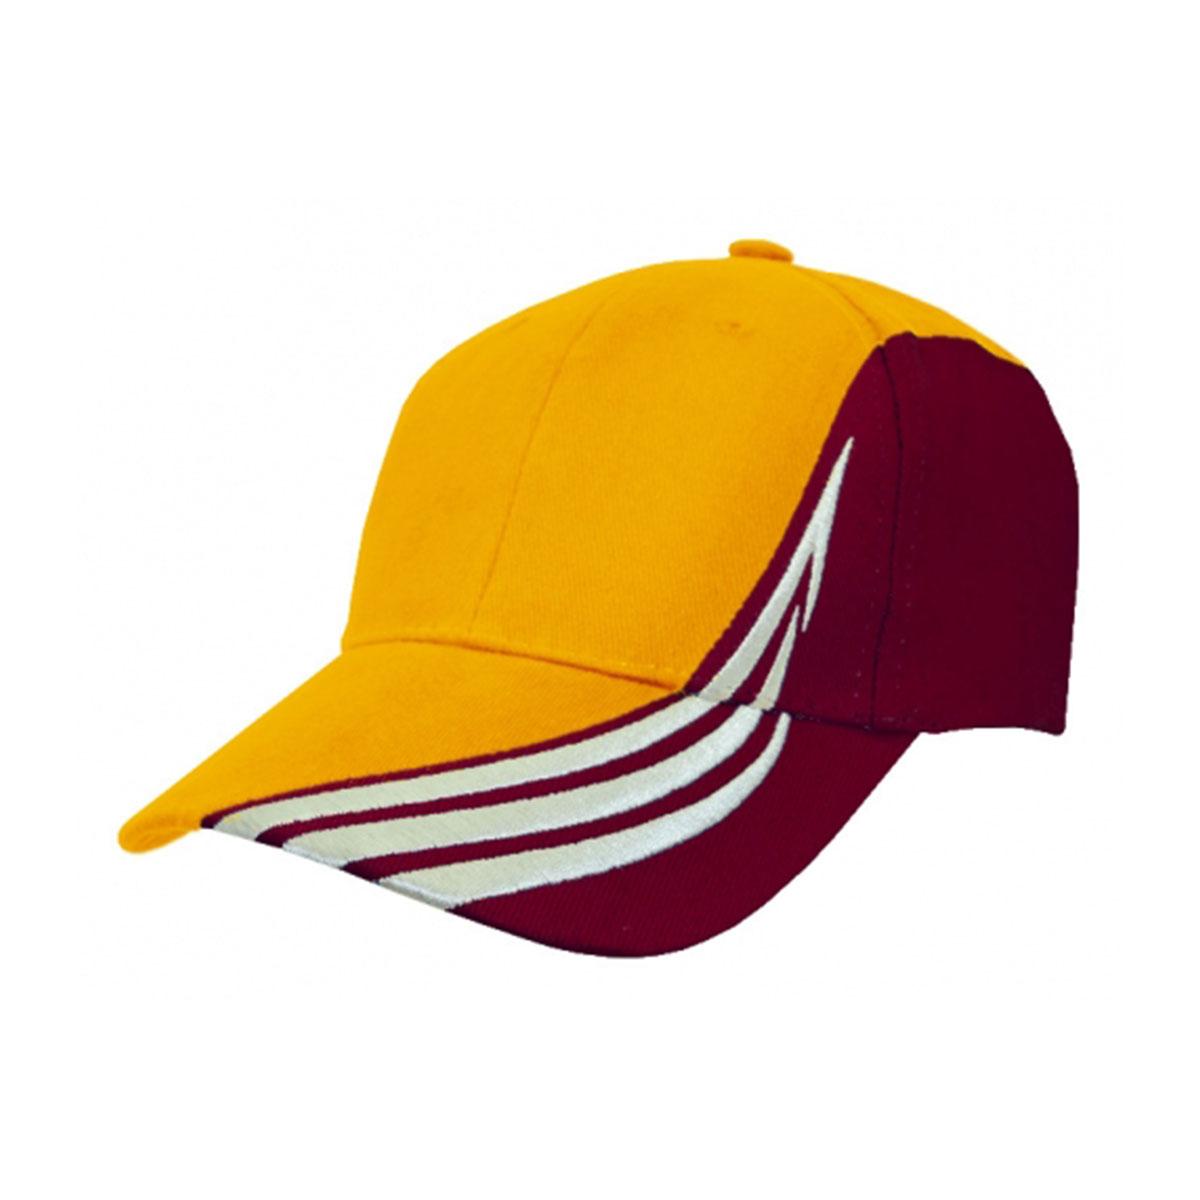 HBC Trim Design Cap-Gold / White / Maroon